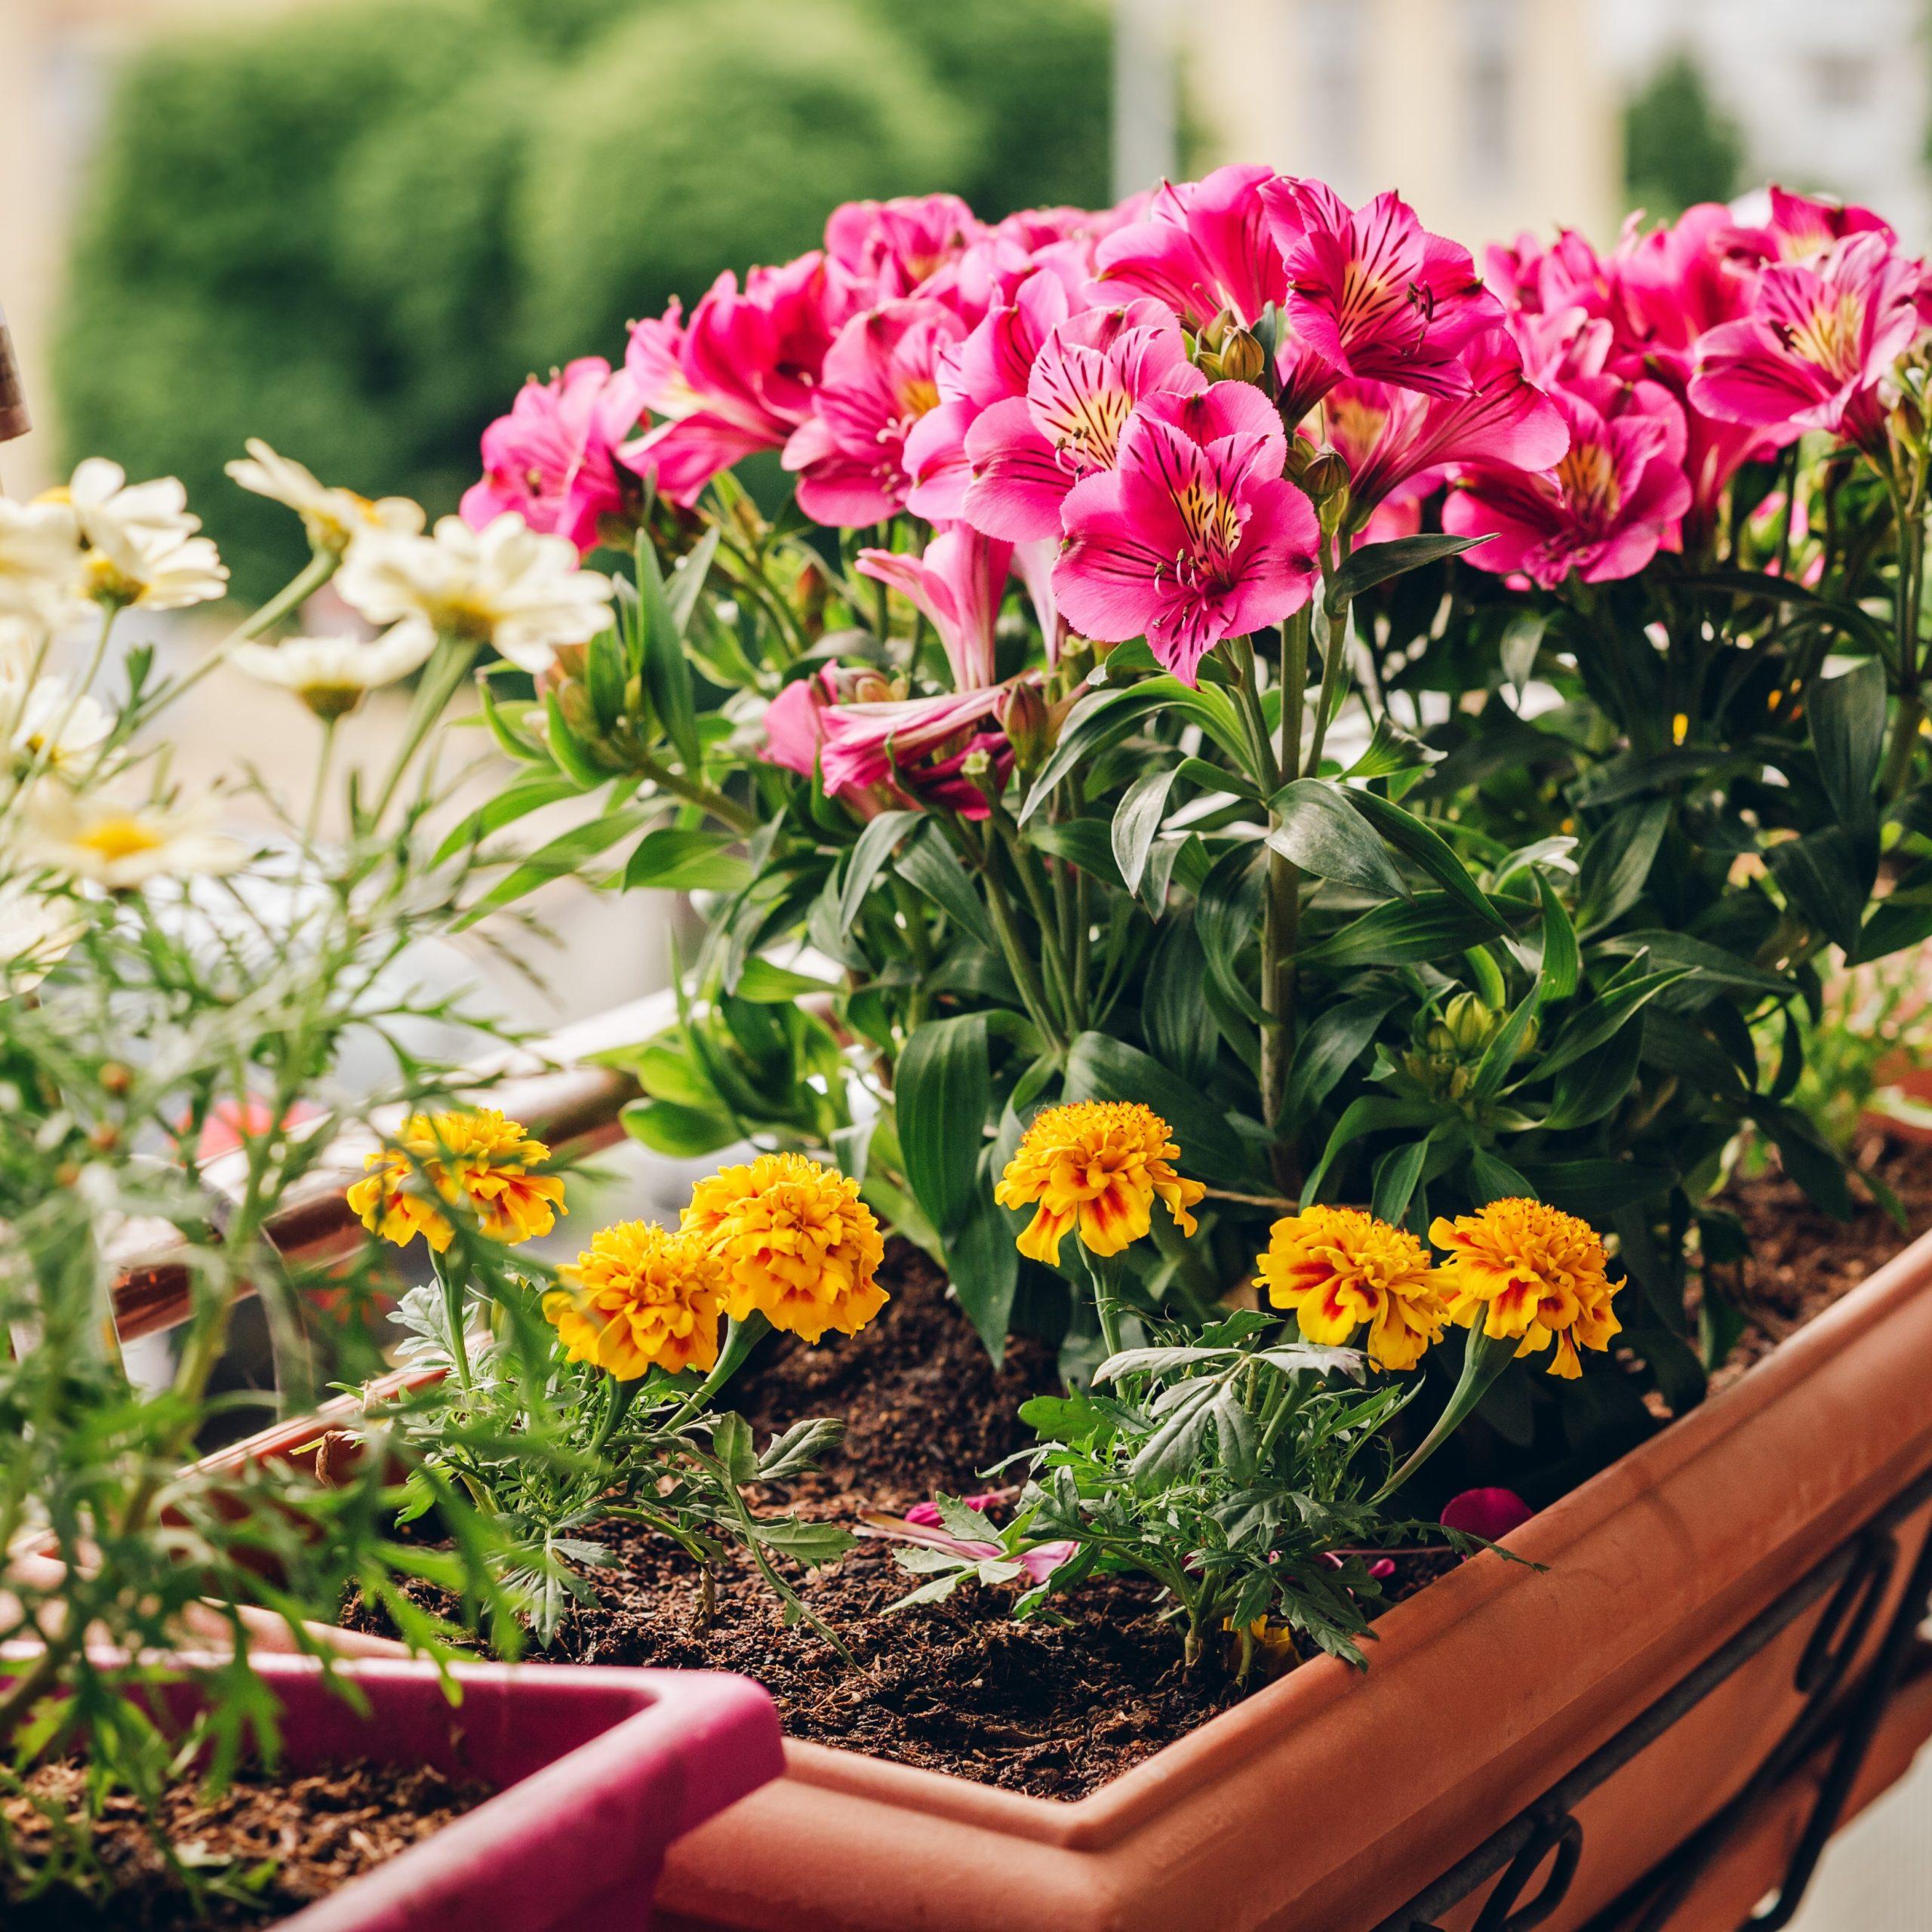 Blumen machen Freude - ob als Geschenk oder auf dem eigenen Balkon und im Garten